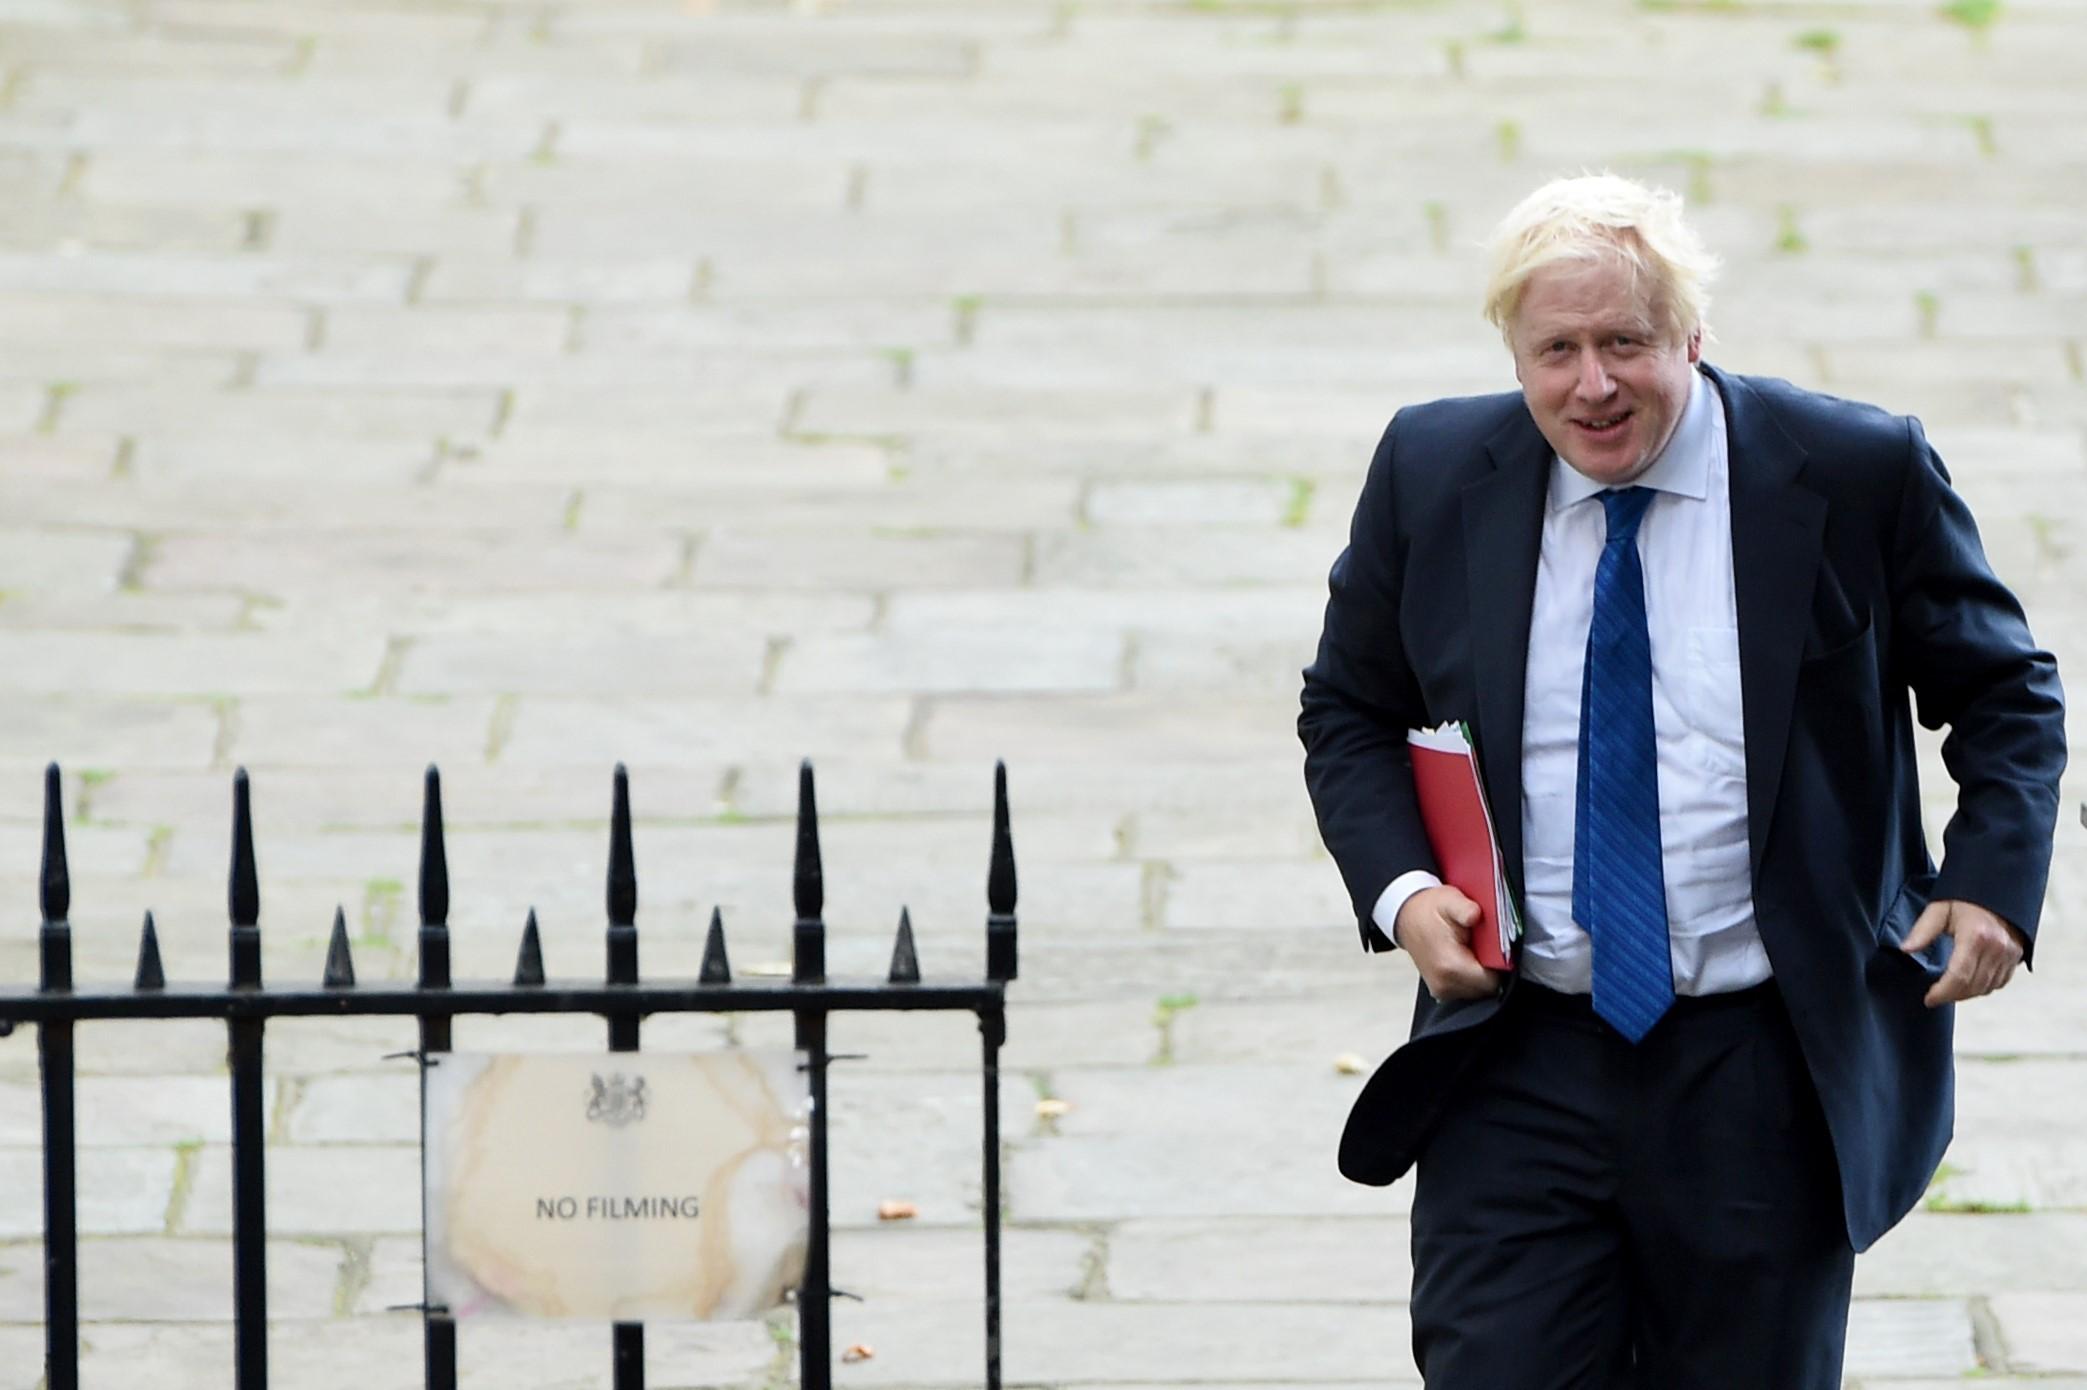 Boris Johnson: A sosit timpul pentru `negocieri serioase` pe Brexit. Londra are o ofertă `foarte bună` şi `corectă` pe garantarea drepturilor expatriaţilor după ieşirea Marii Britanii din UE